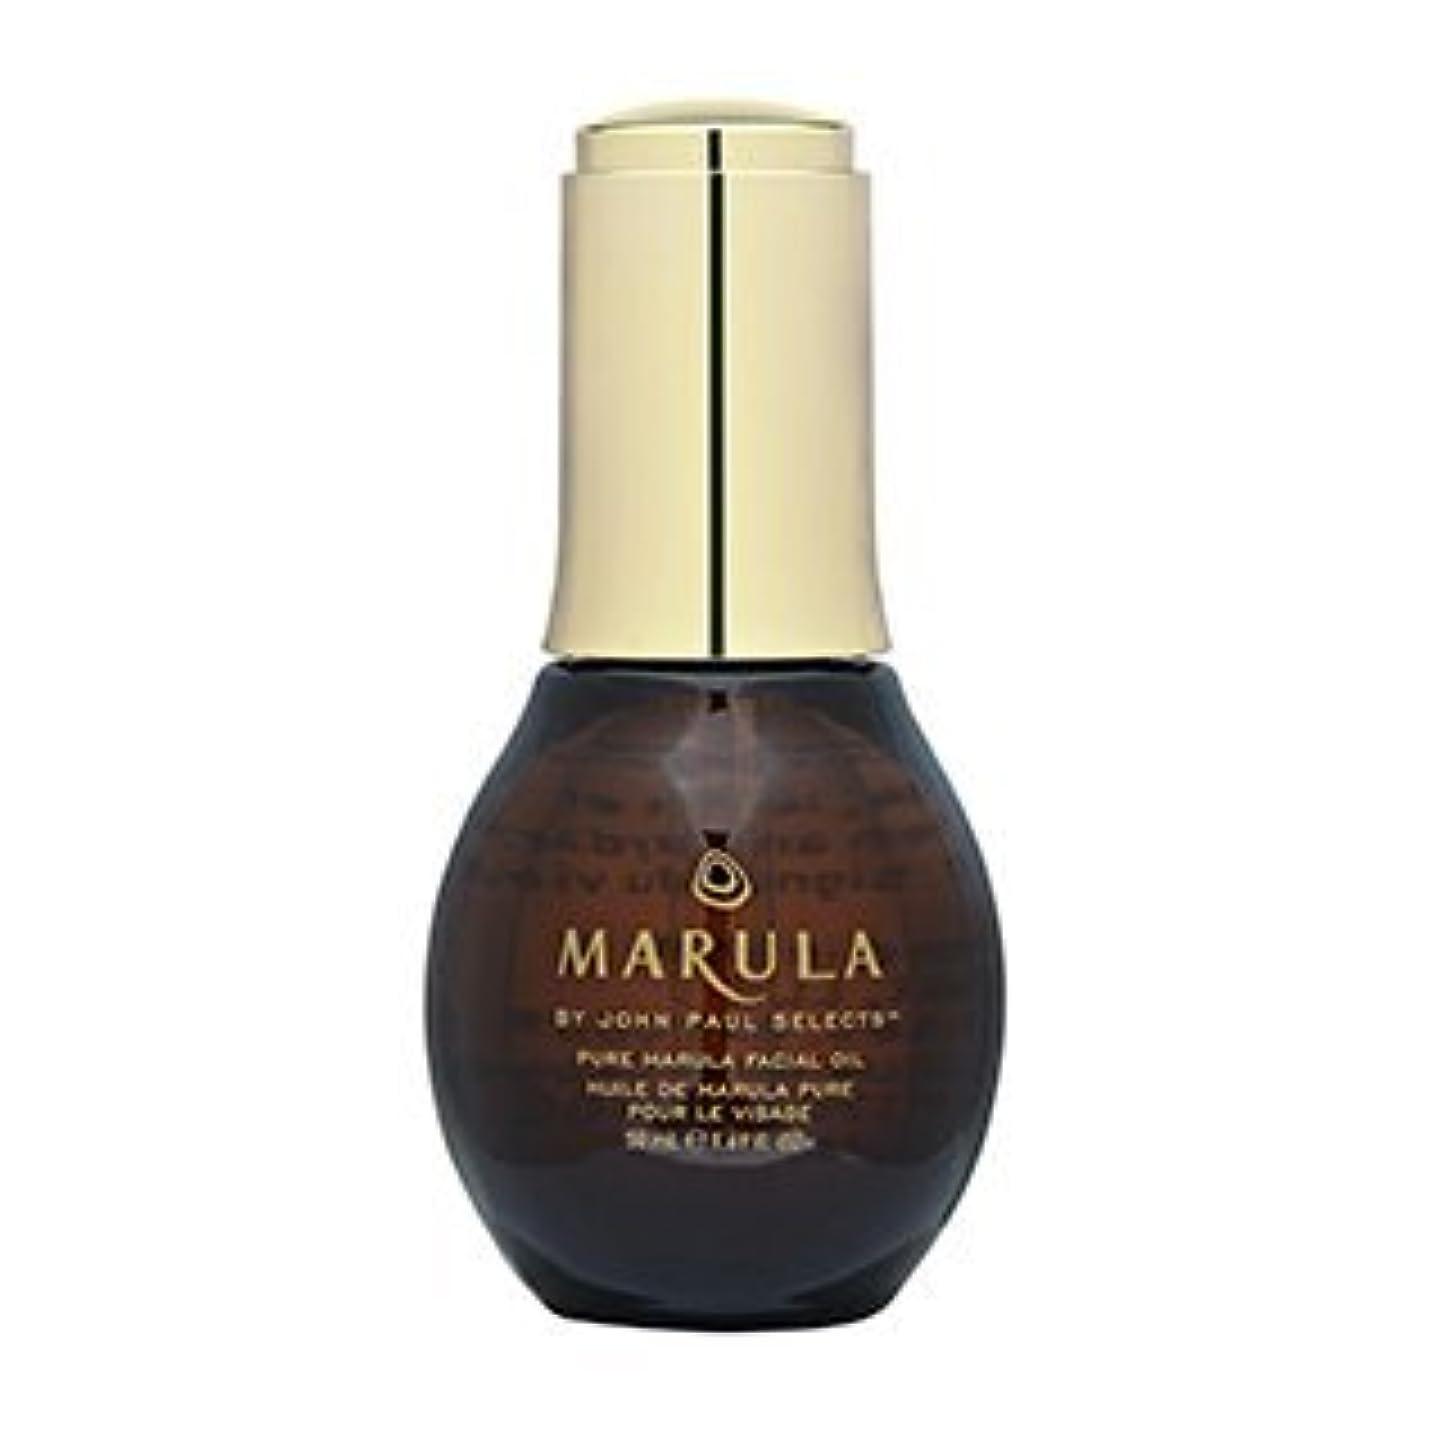 ミシン固めるポータルマルーラ(Marula) マルーラオイル 50ml ビッグサイズ[並行輸入品]